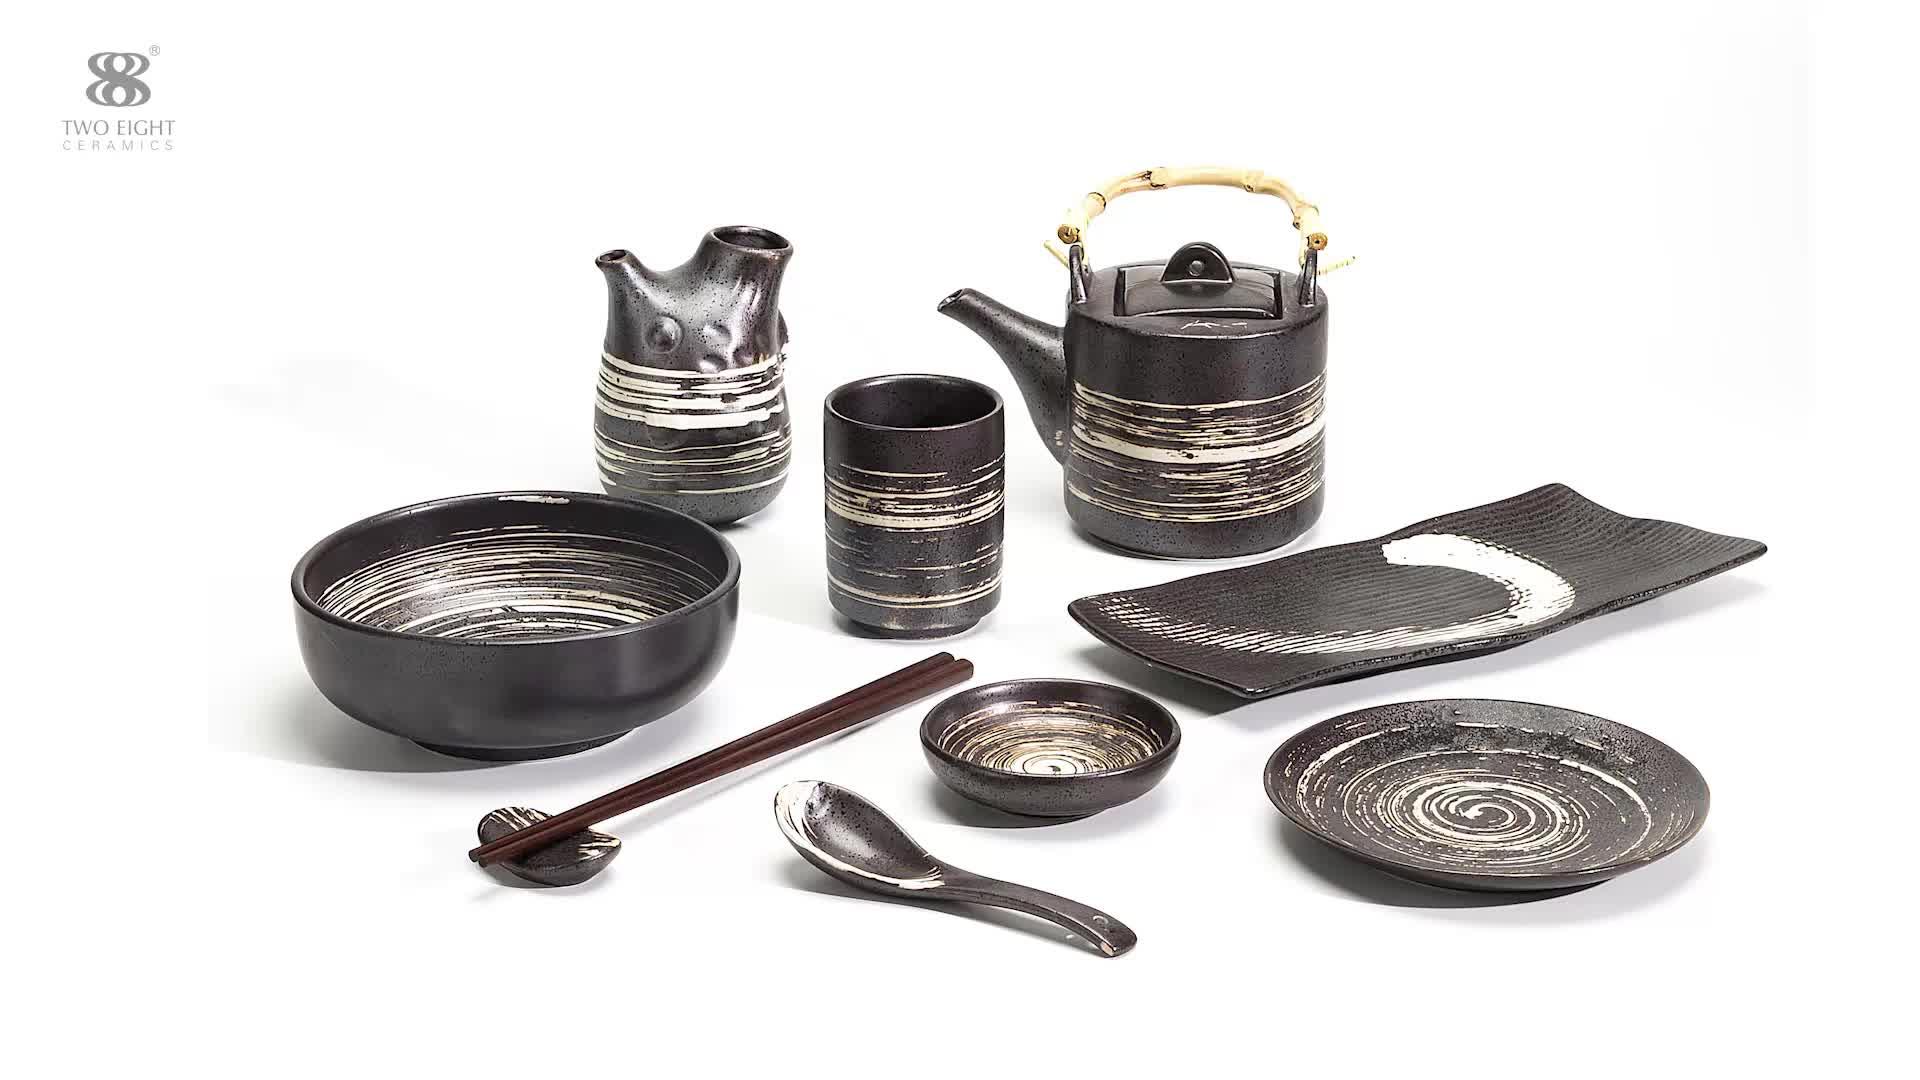 Оптовая Керамика суши пластины, рамен лапши чаша, отель Ресторан черный японский столовая посуда